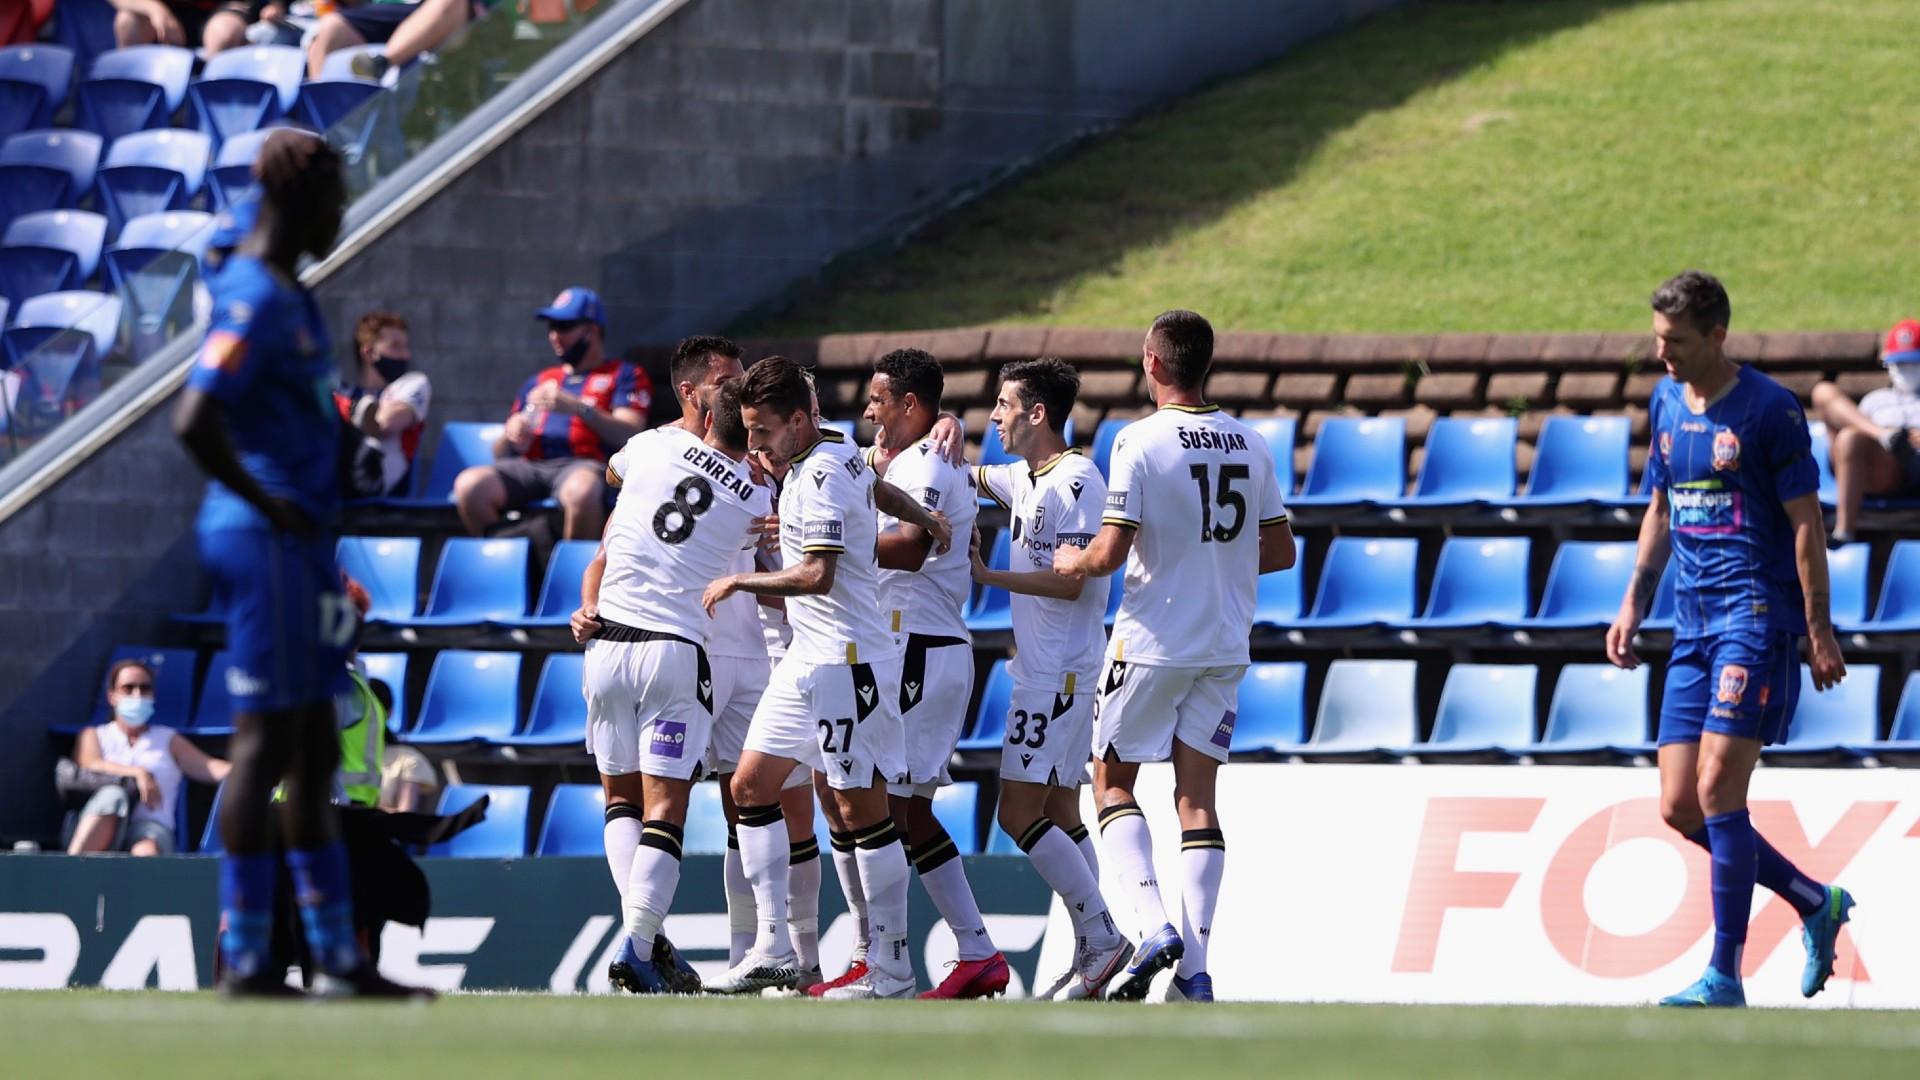 Newcastle Jets 1-2 Macathur: A-League new boys go top